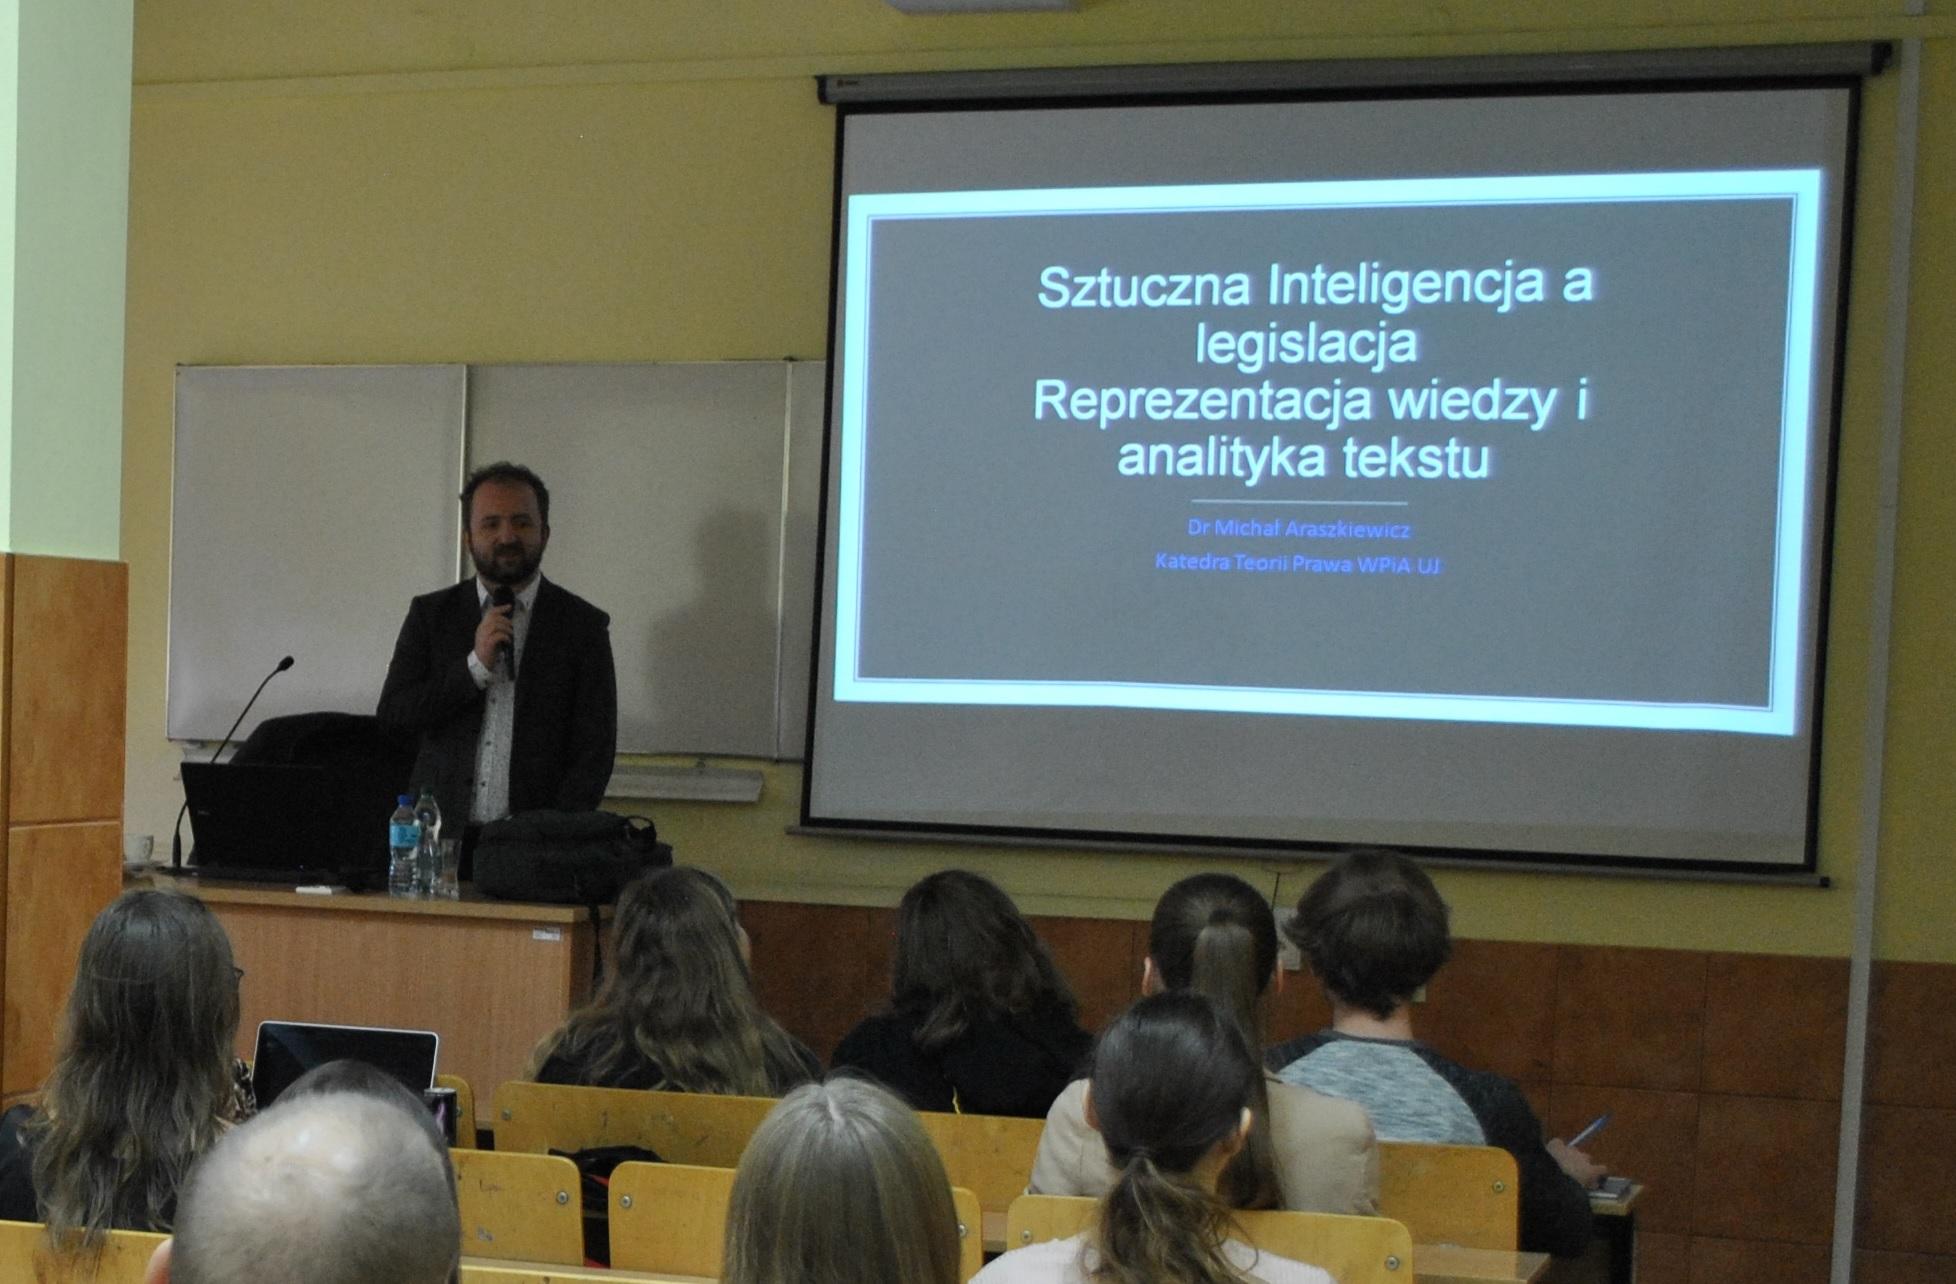 Sztuczna inteligencja a legislacja. Reprezentacja wiedzy i analityka tekstu – Wykład dra M. Araszkiewicza (Uniwersytet Jagielloński)